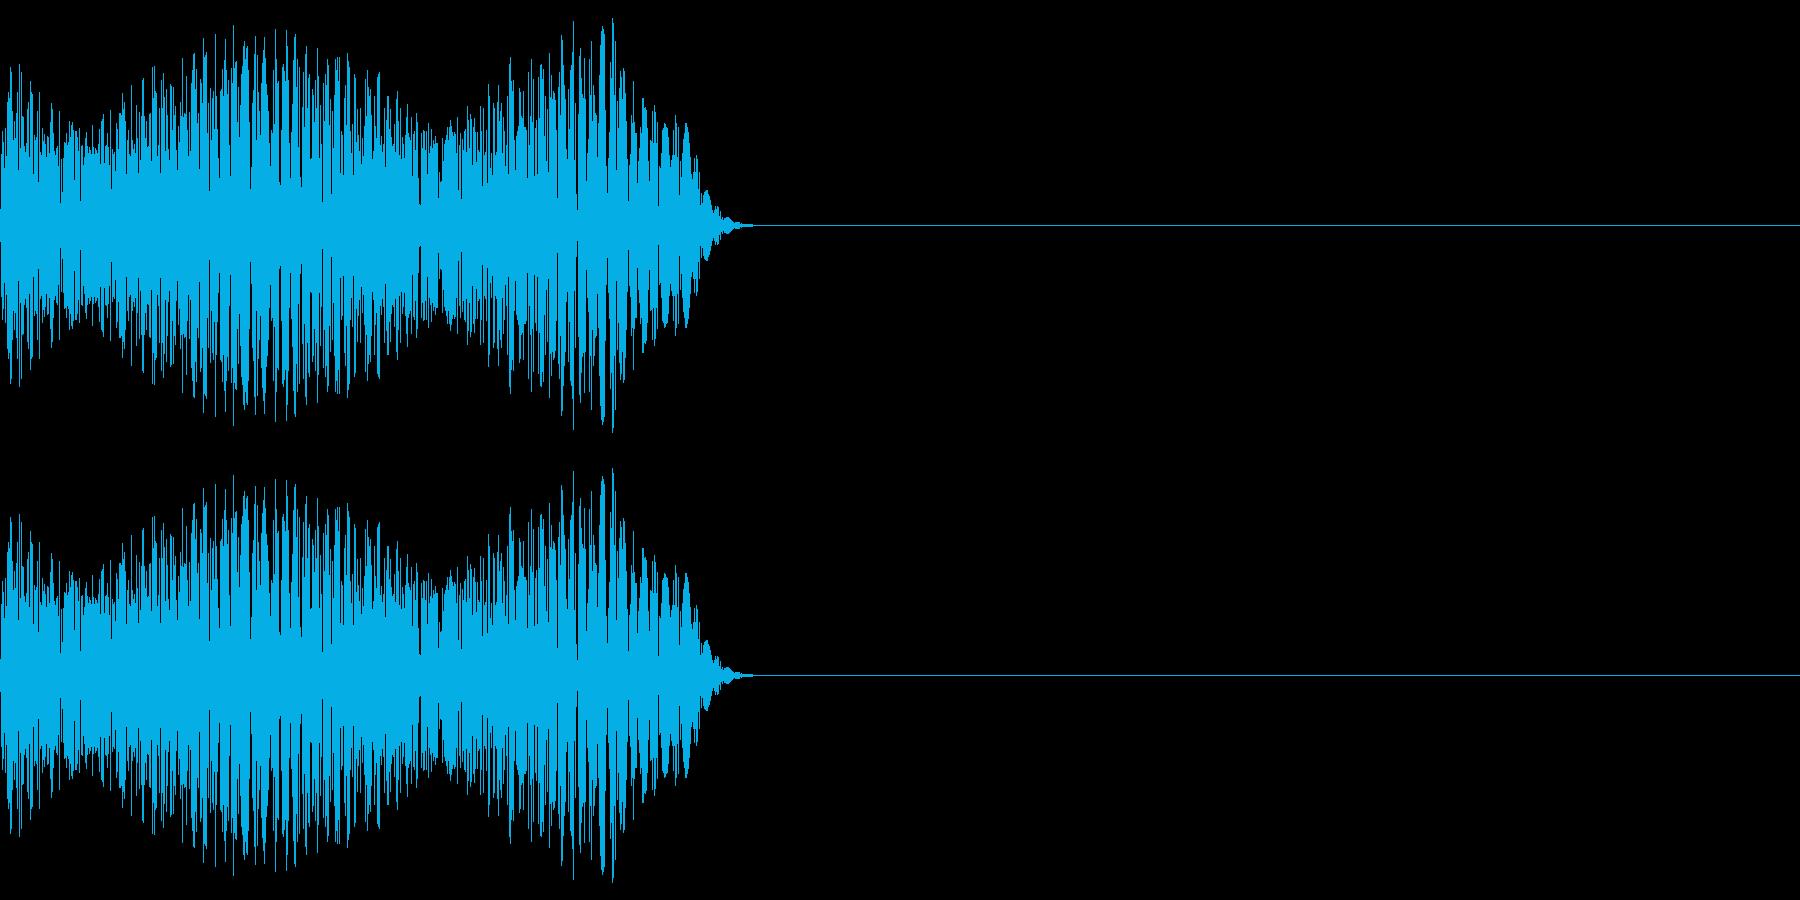 ゲーム等の禁止音「ブッ」 中くらいの音程の再生済みの波形